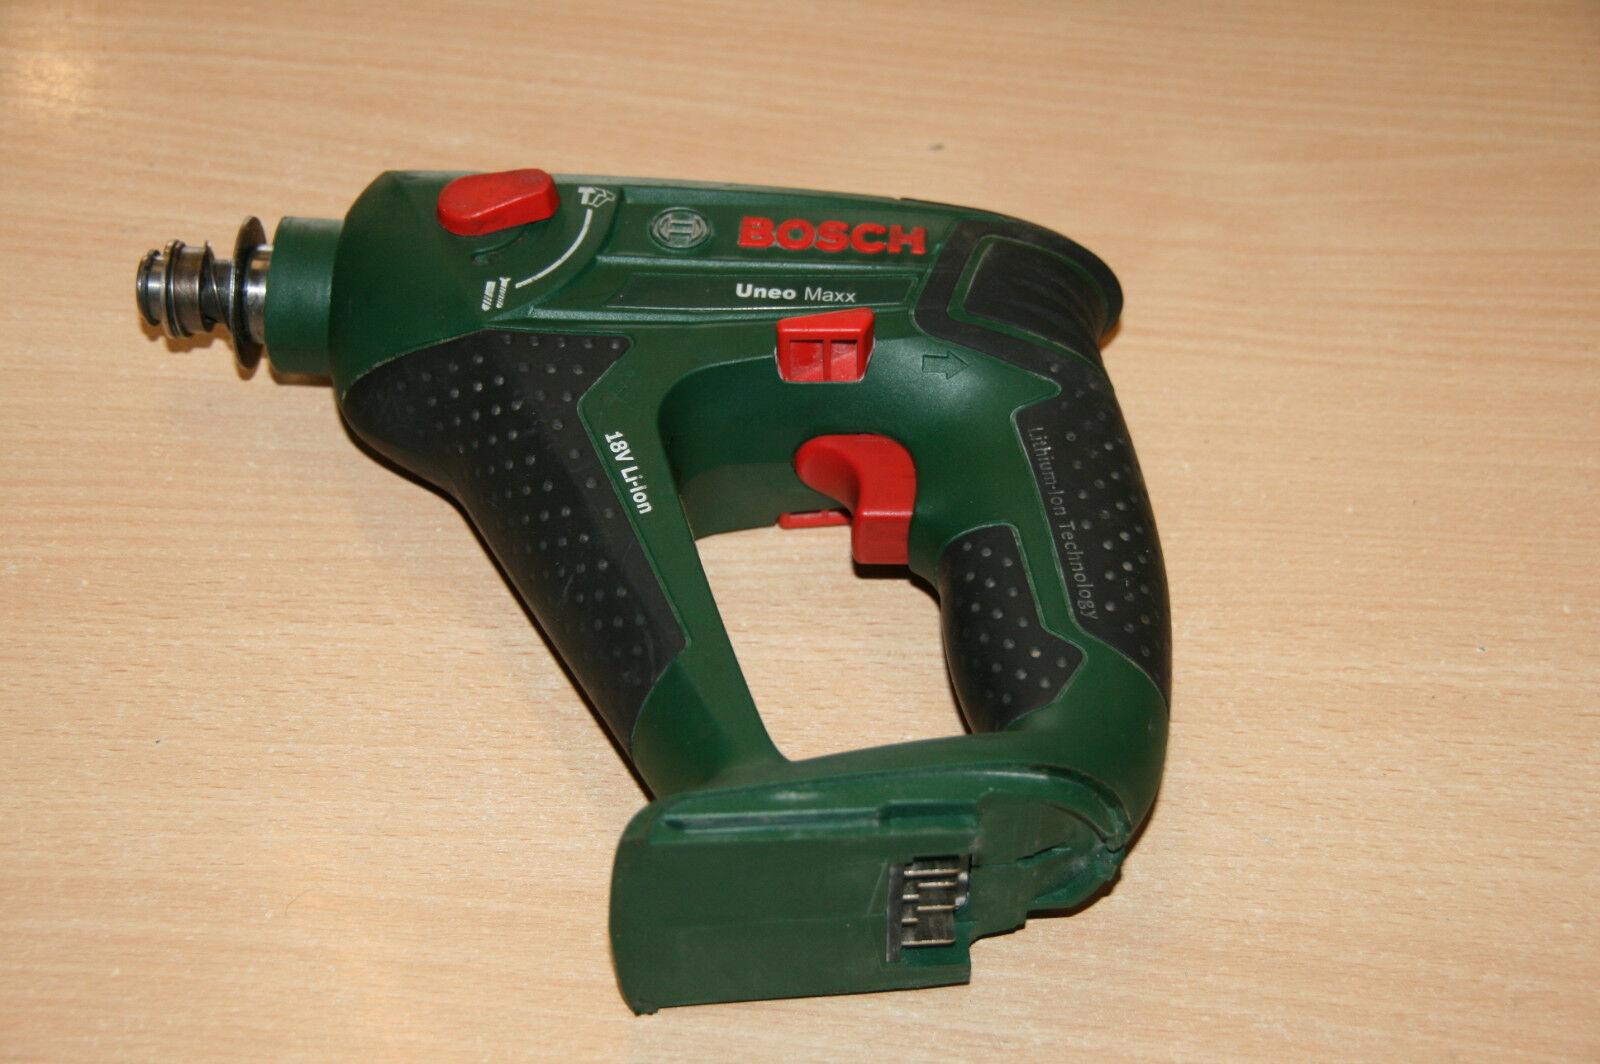 Bosch Uneo Maxx Akkuschlagschrauber 1 4   Aufnahme